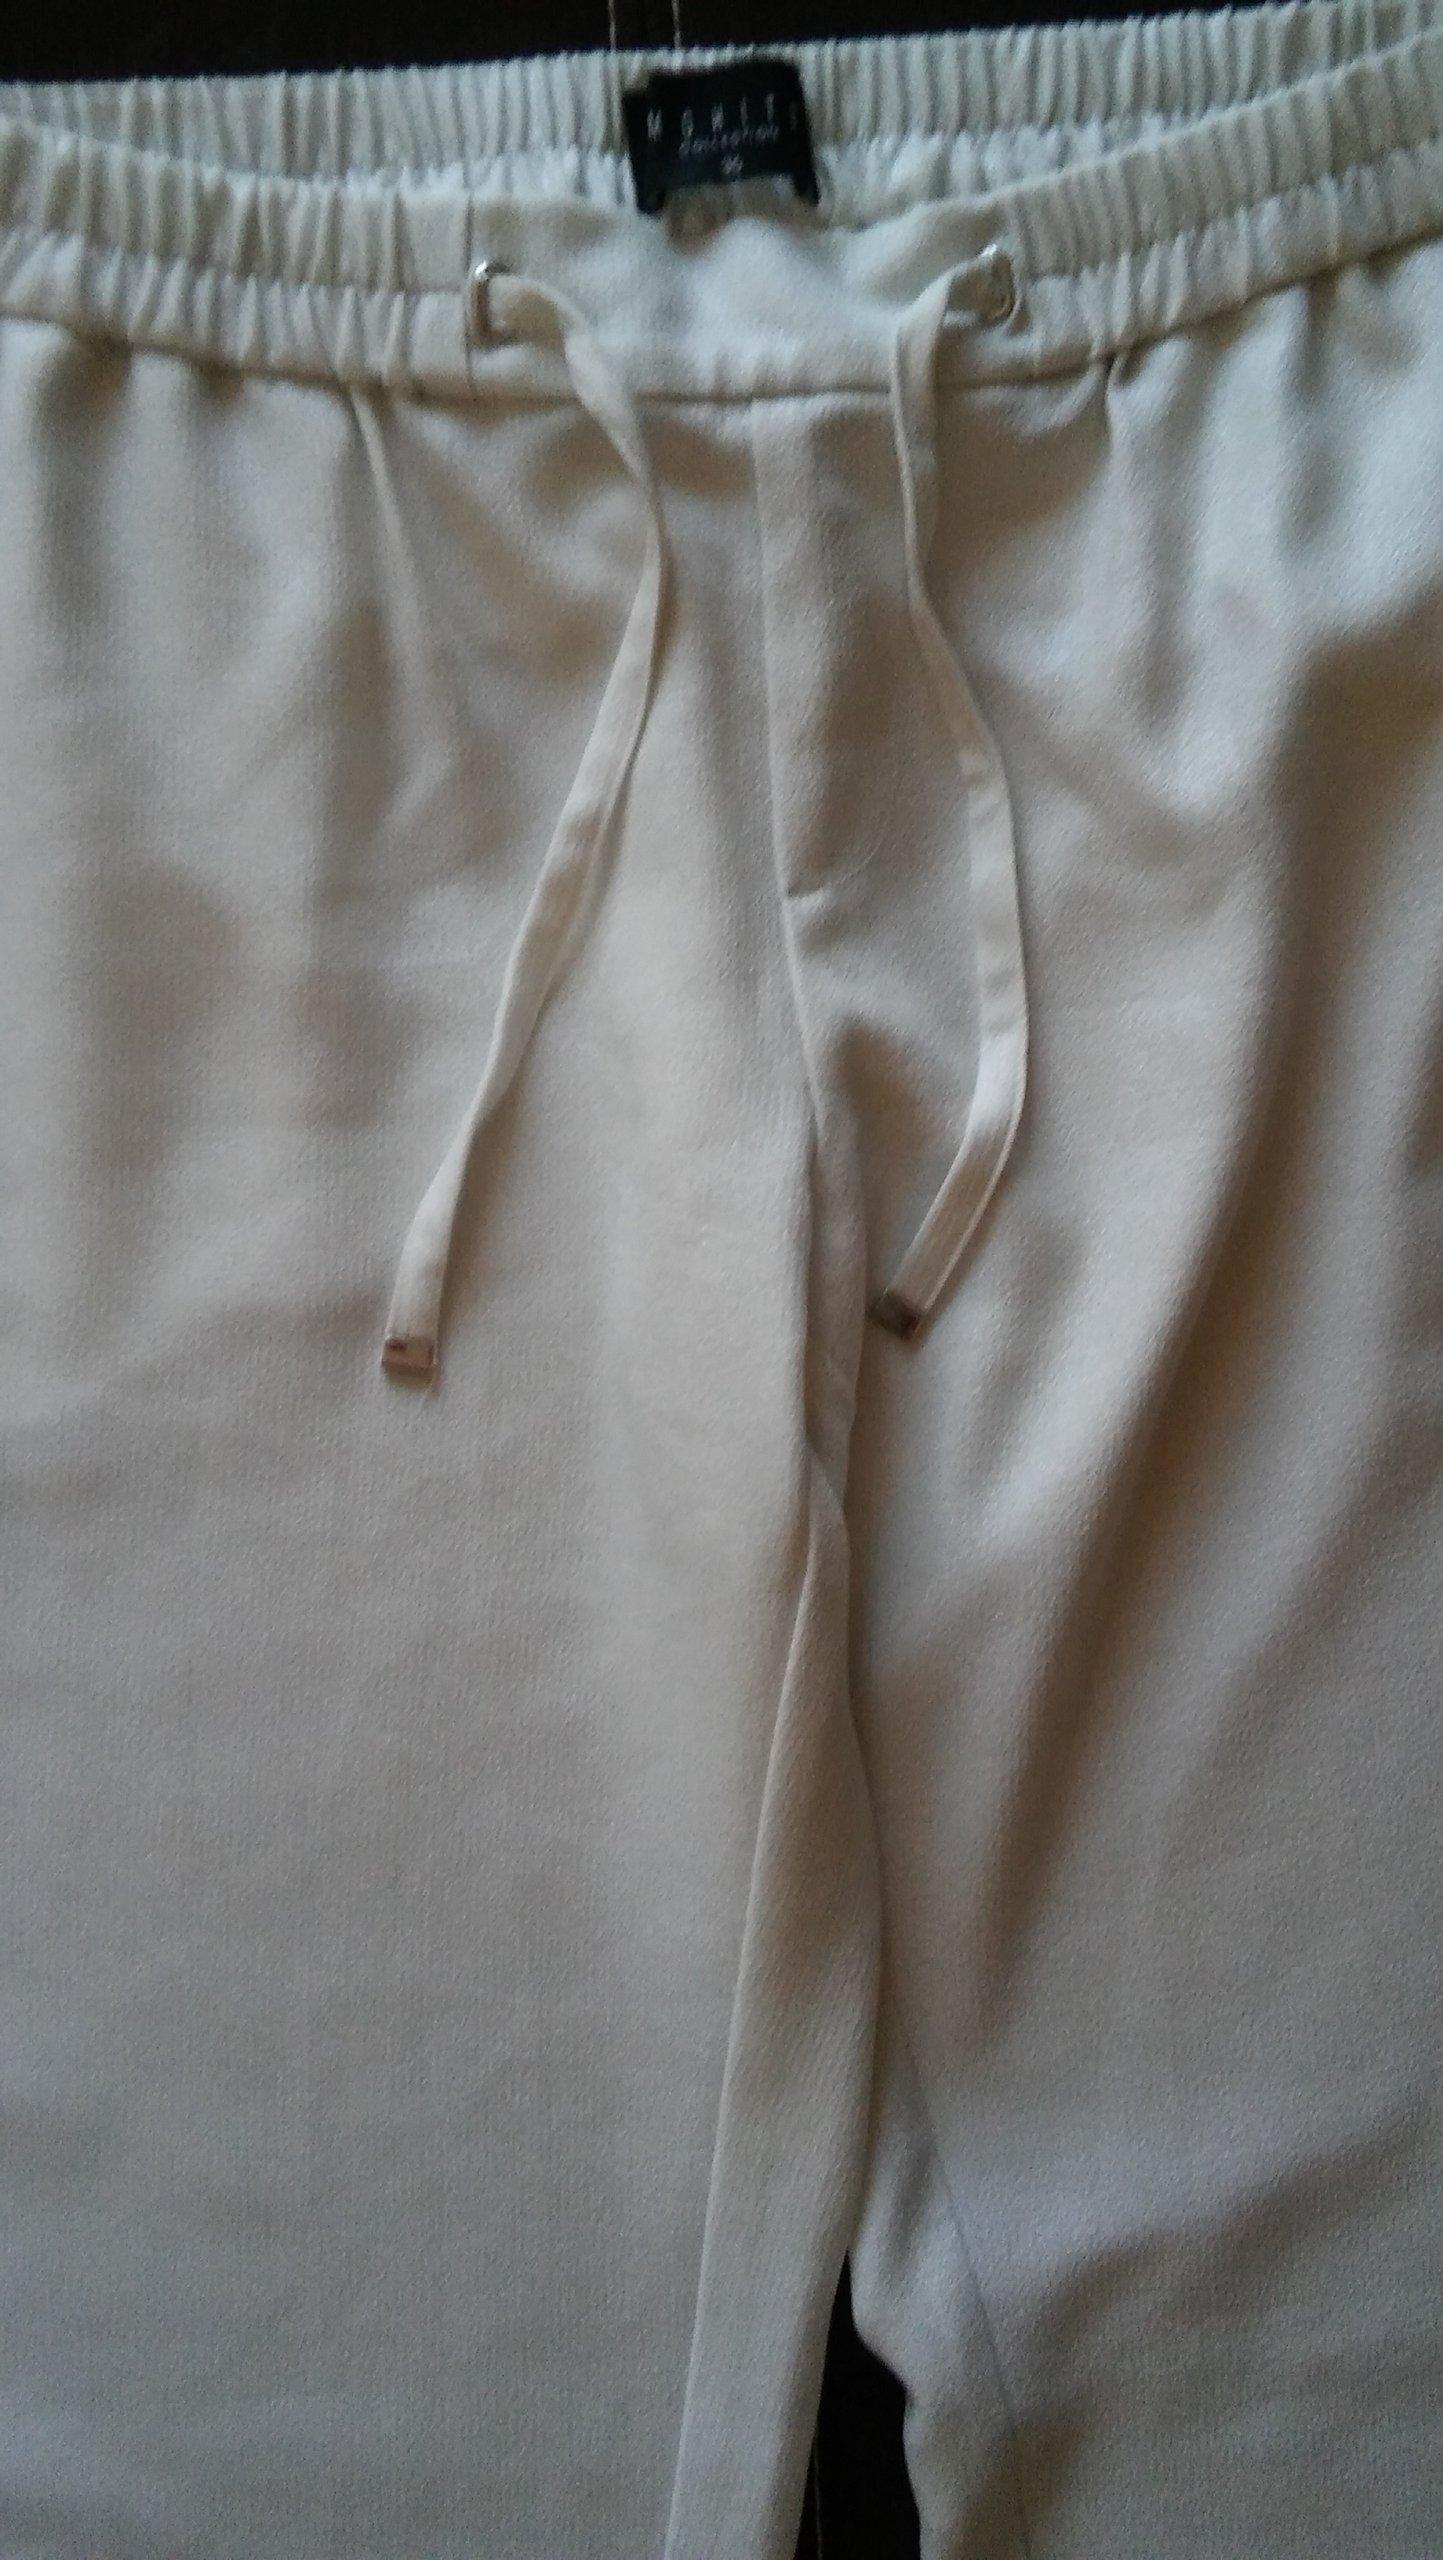 573dce9c Nitką 7433154827 Ze Damskie Białe Mohito Srebrną Spodnie 36 6PC0Yxq6